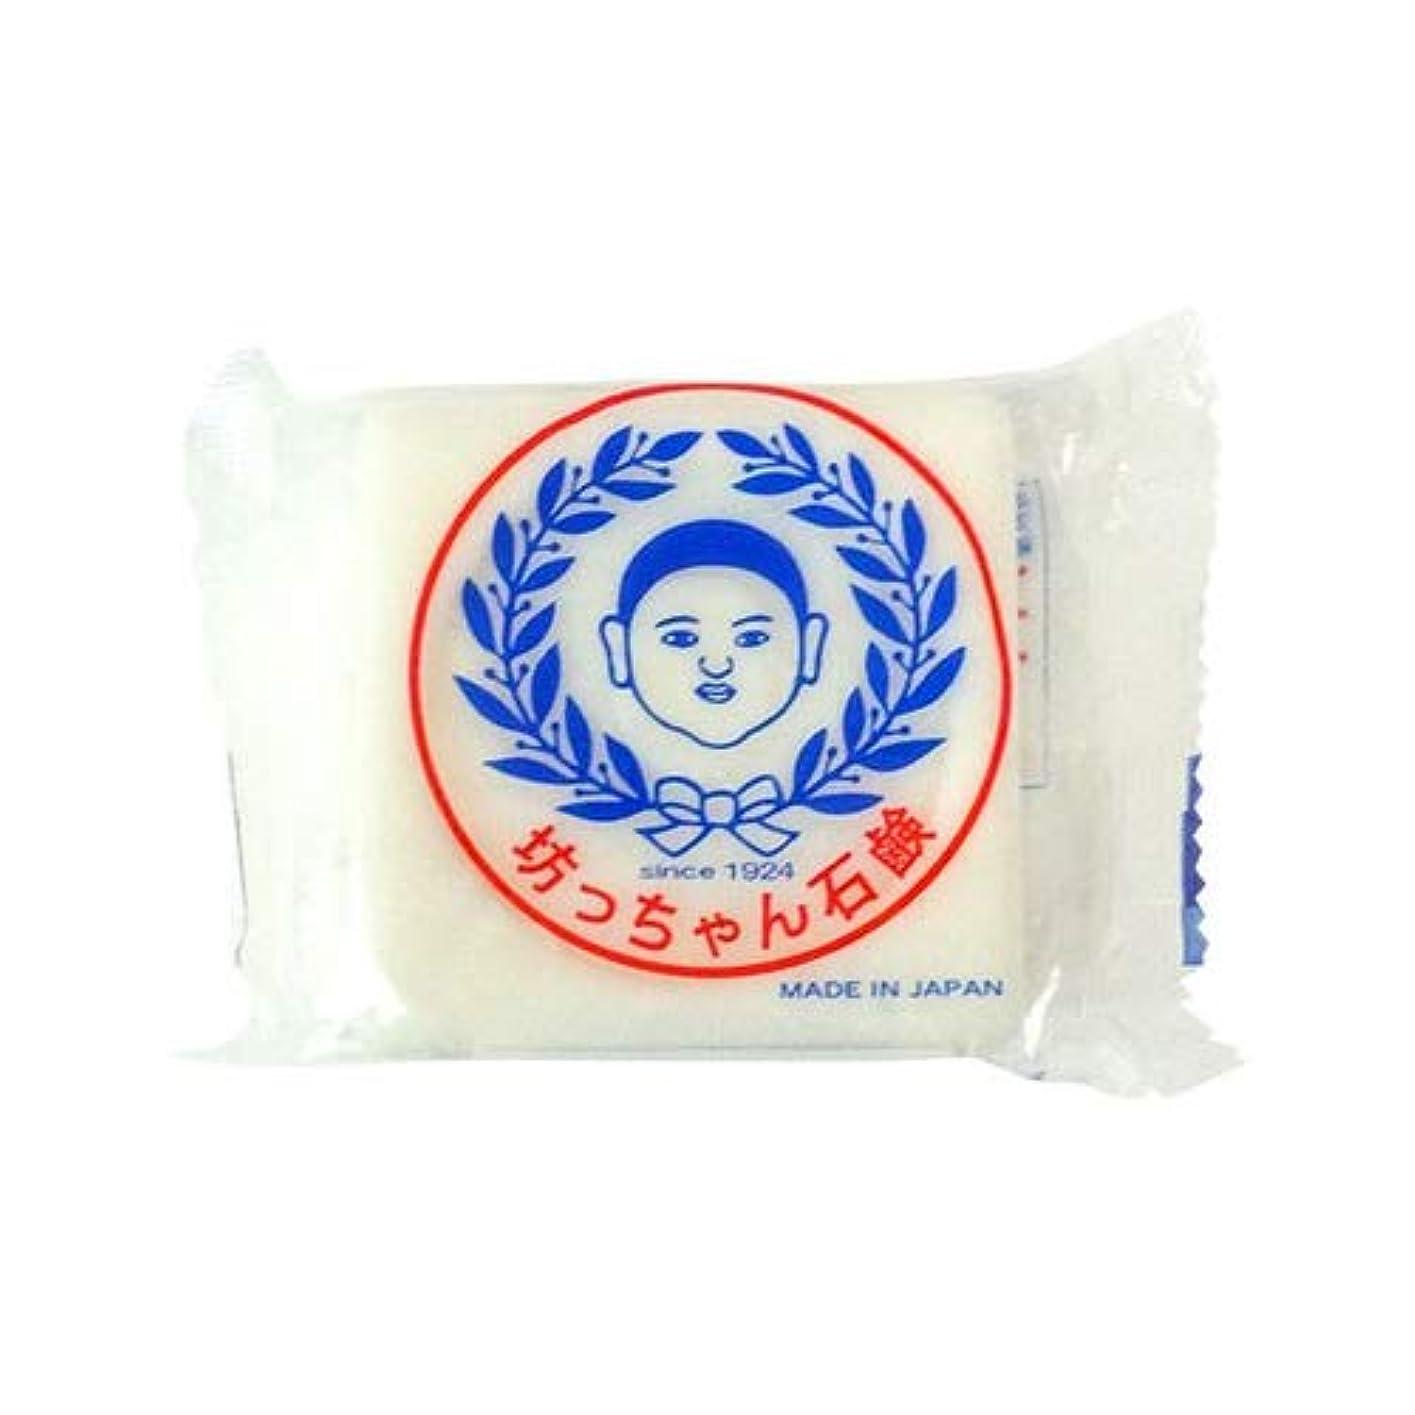 着陸征服冷蔵する坊っちゃん石鹸 ミニサイズ 100g